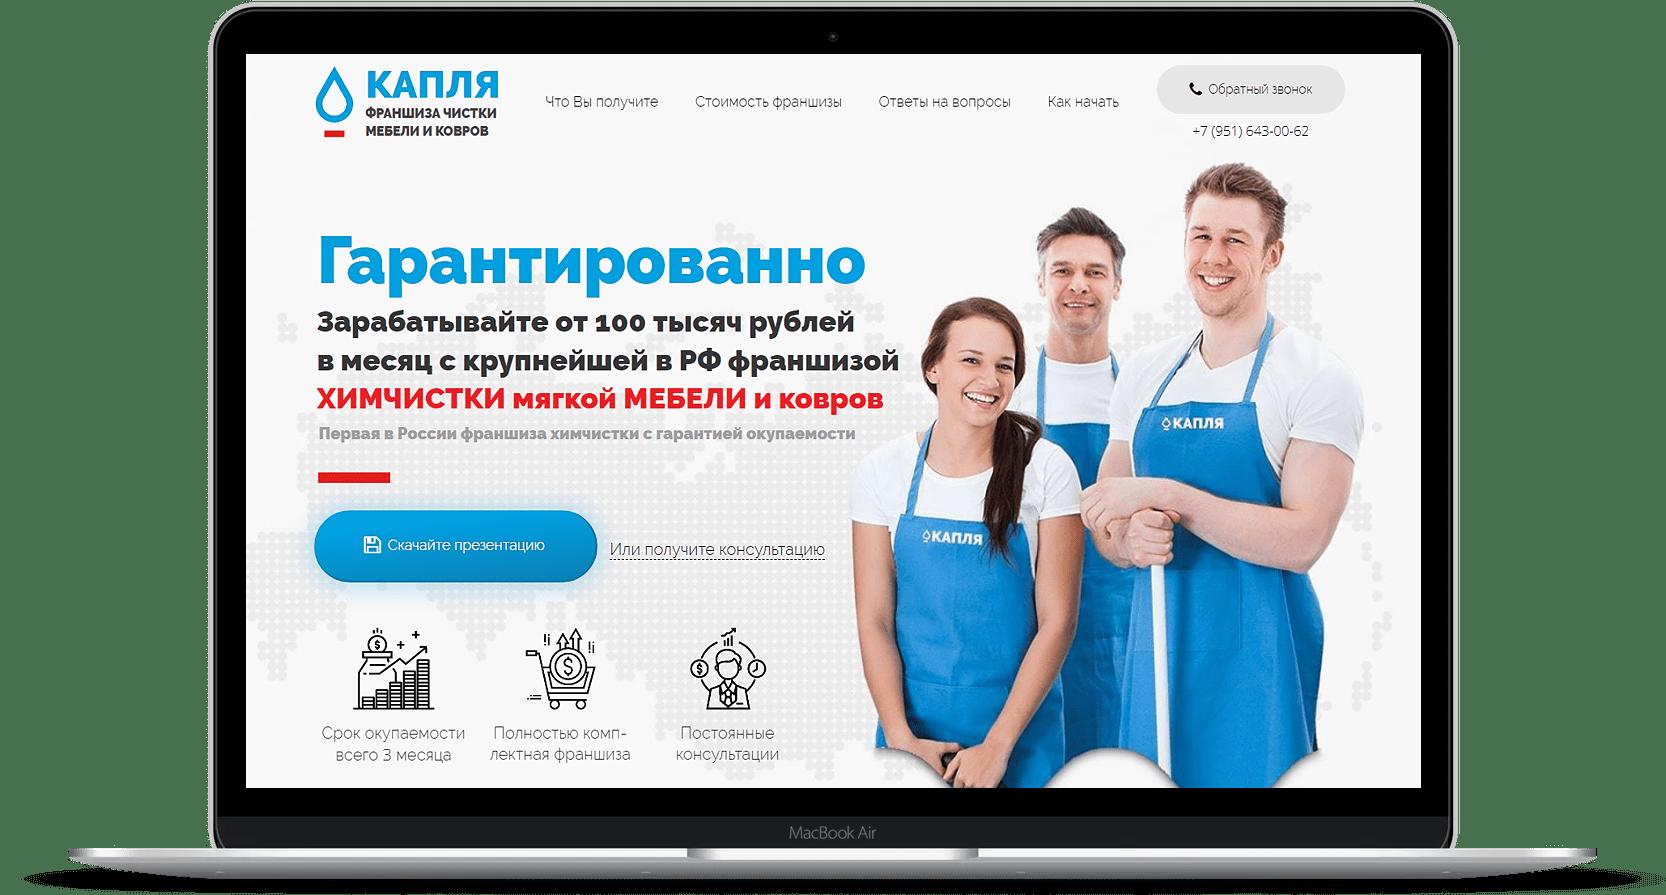 Сайт для франшизы клининга